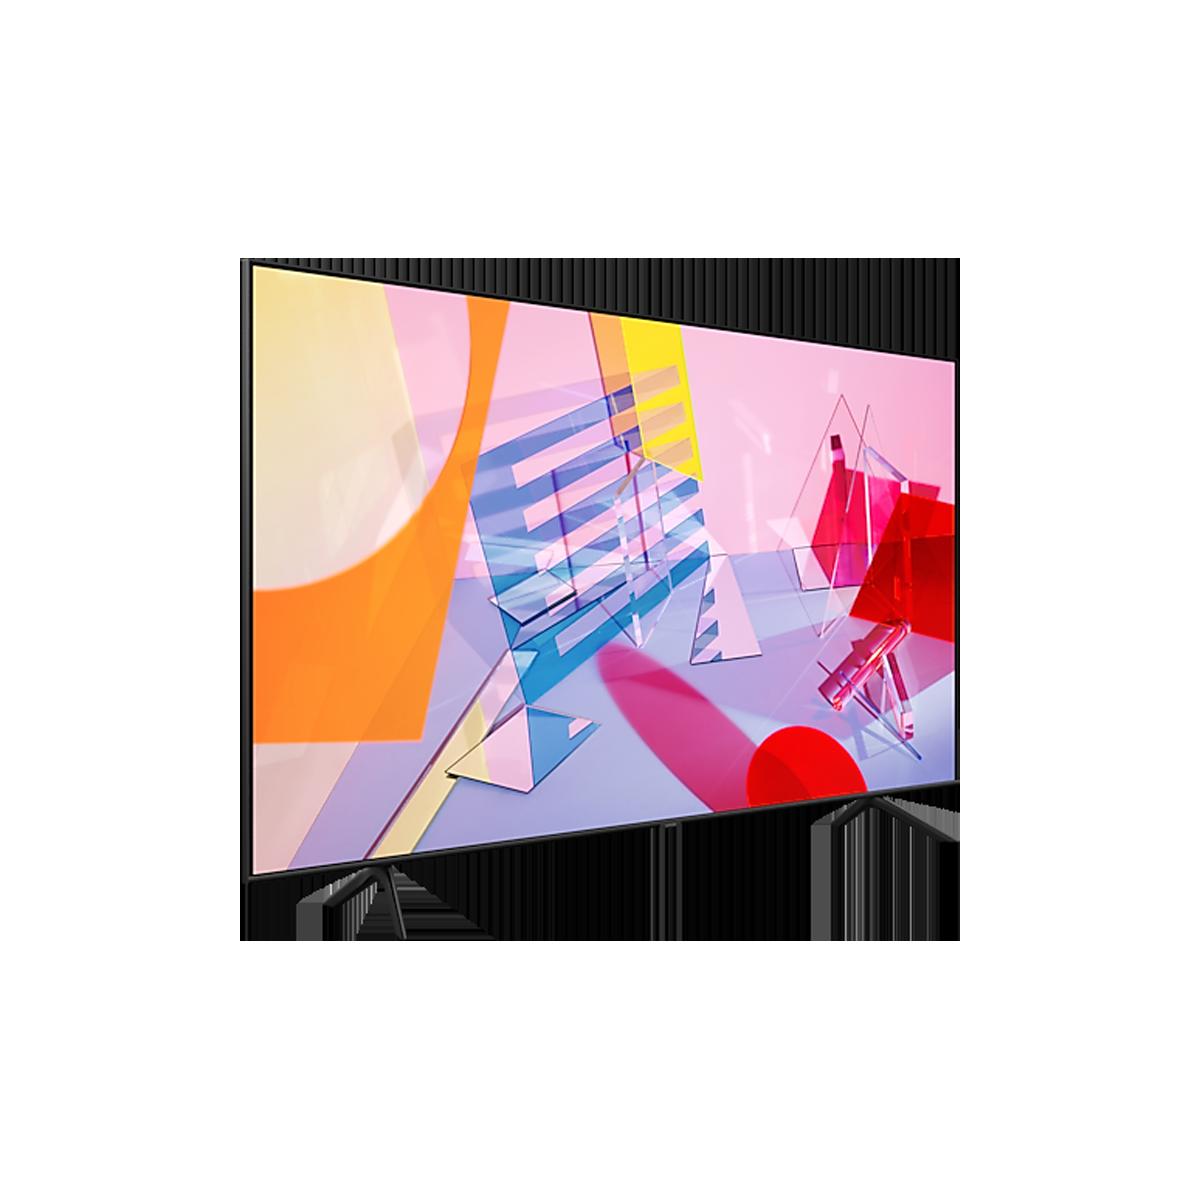 Samsung 50Q60T 50 inç Uydu Alıcılı 4K Ultra HD Smart QLED TV